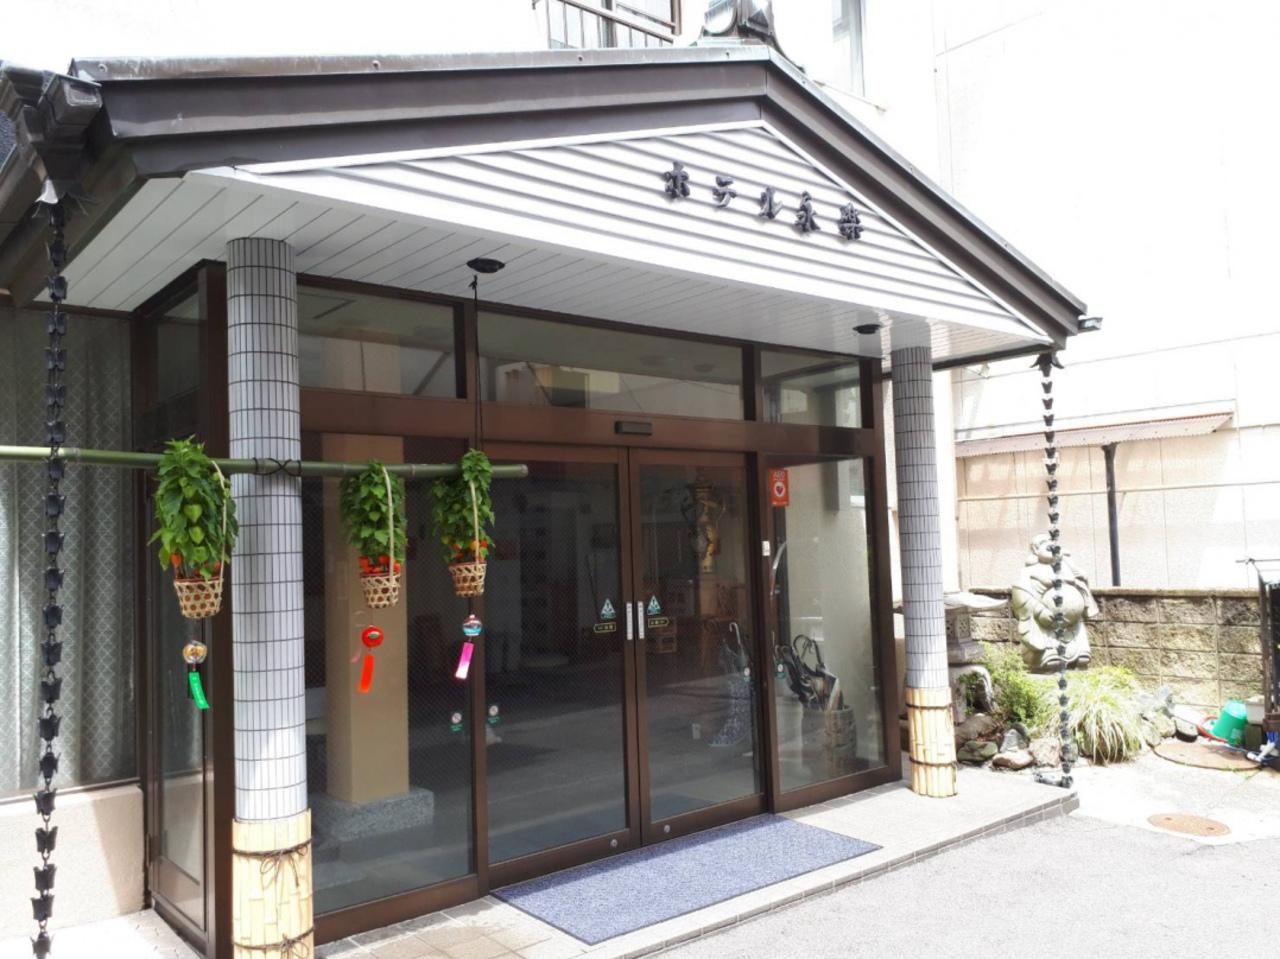 10208いかほ温泉 ホテル永楽 上州伊香保【群馬県】